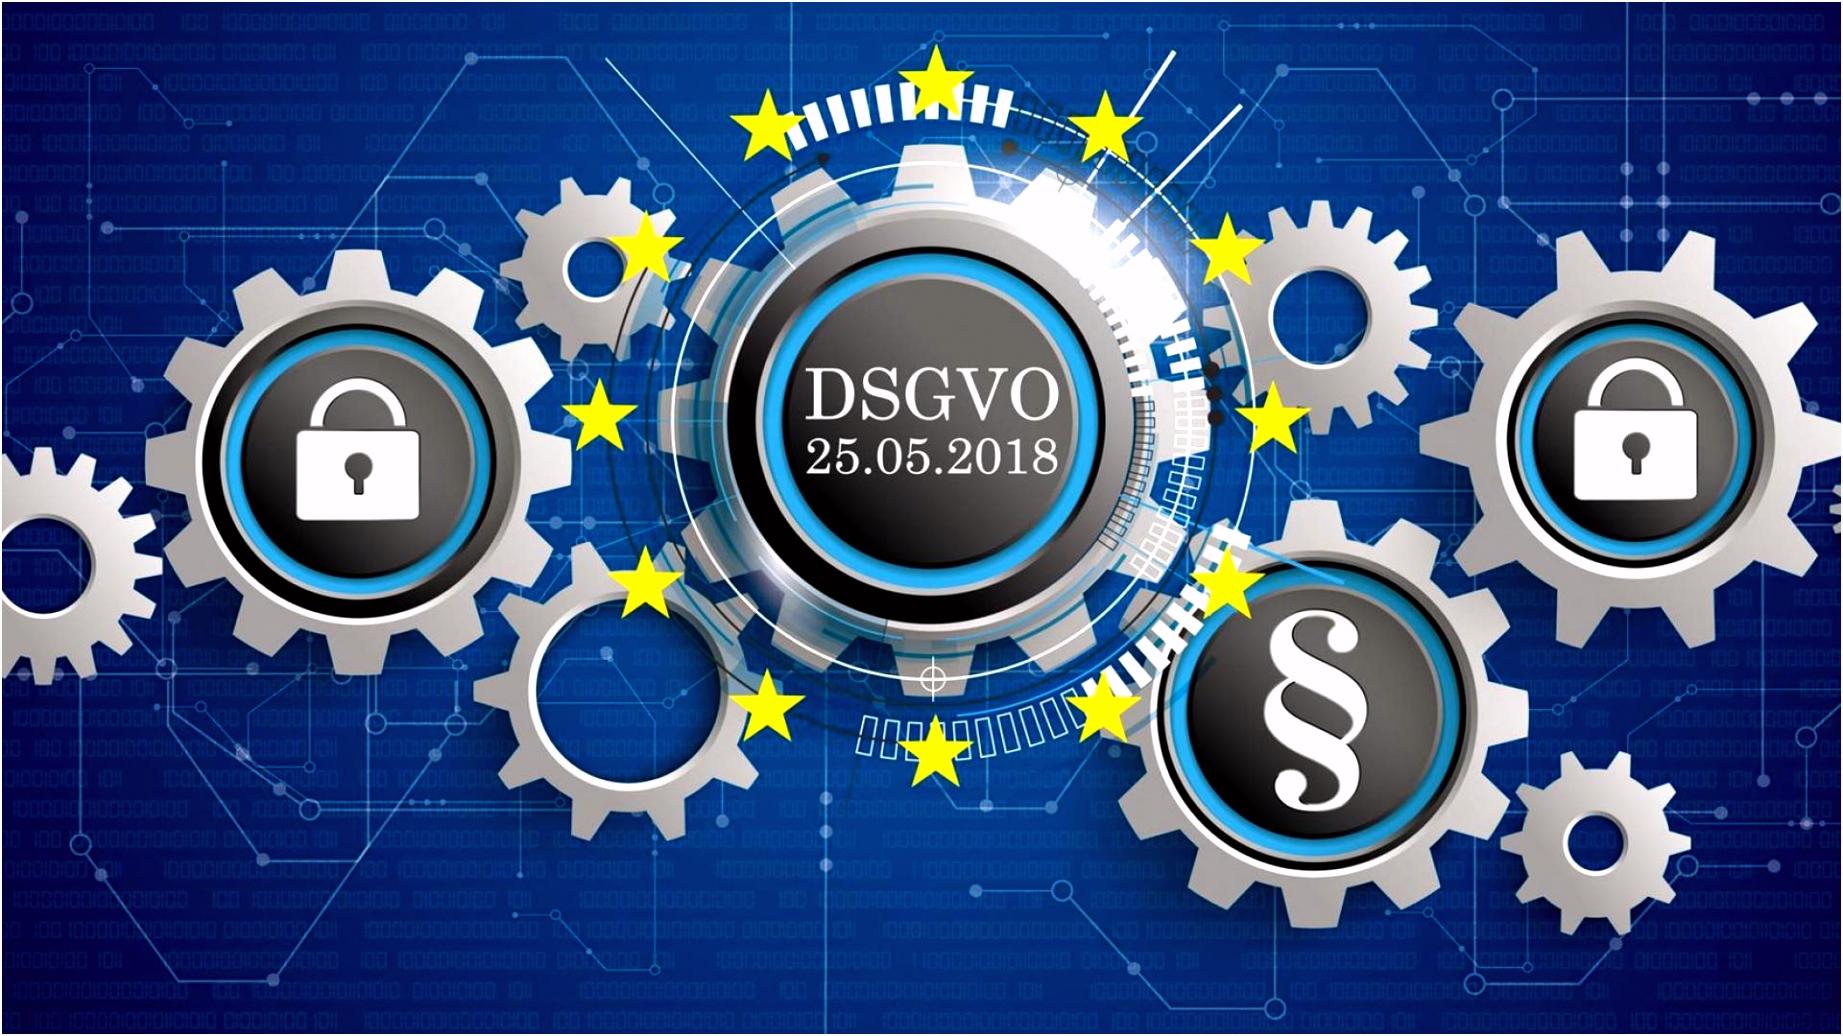 Dsgvo Newsletter Vorlage Datenschutz G5gf19saf7 F6rwh2xaj4